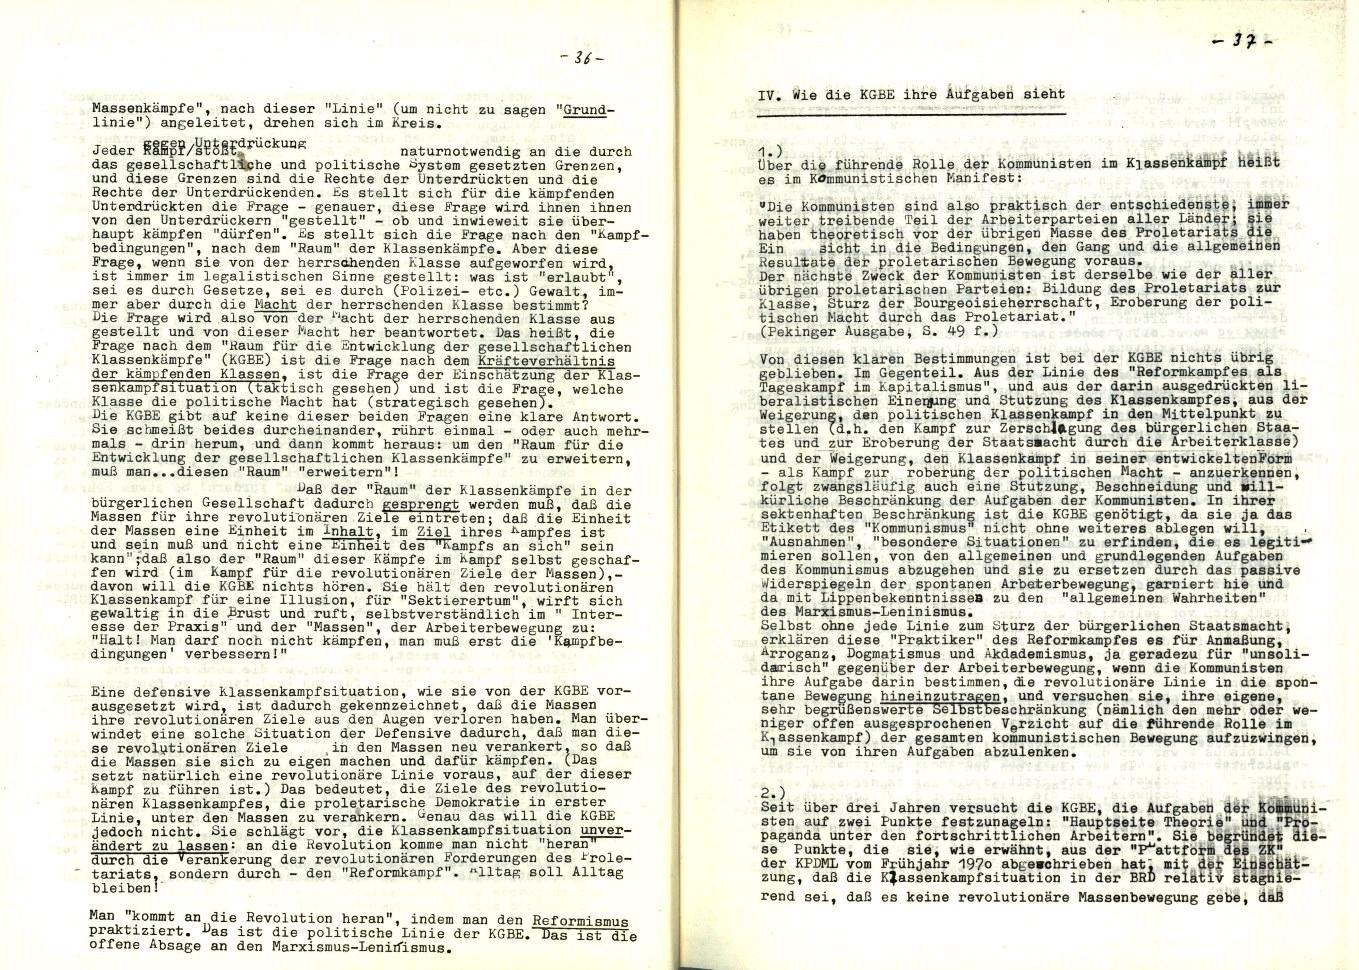 KGBE_Ehemalige_1977_Kritik_an_der_KGBE_22